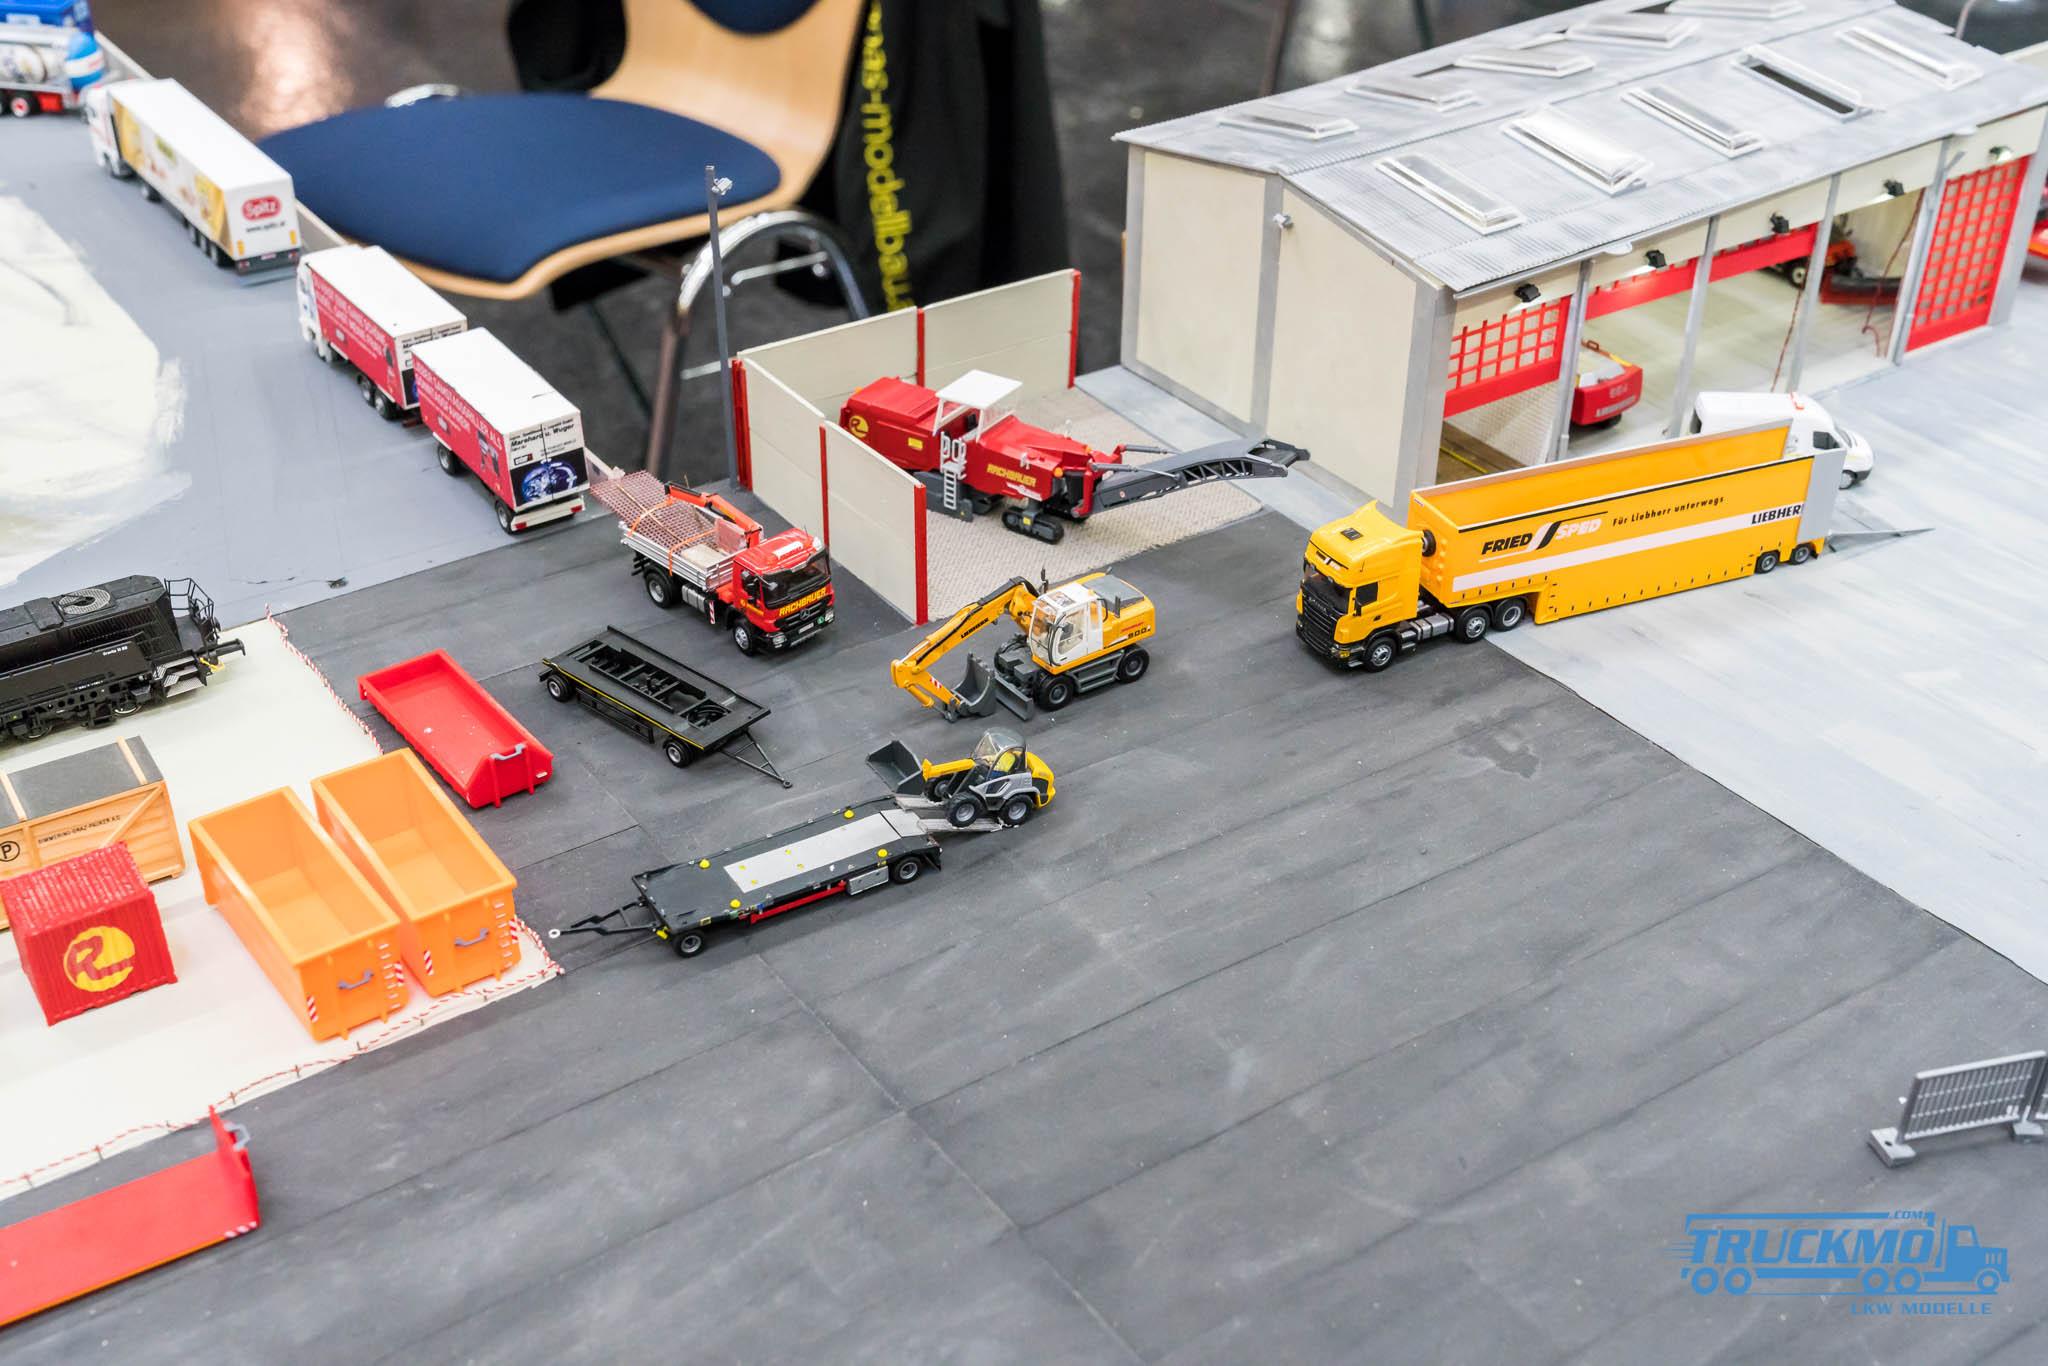 Truckmo_Modellbau_Ried_2017_Herpa_Messe_Modellbauausstellung (236 von 1177)